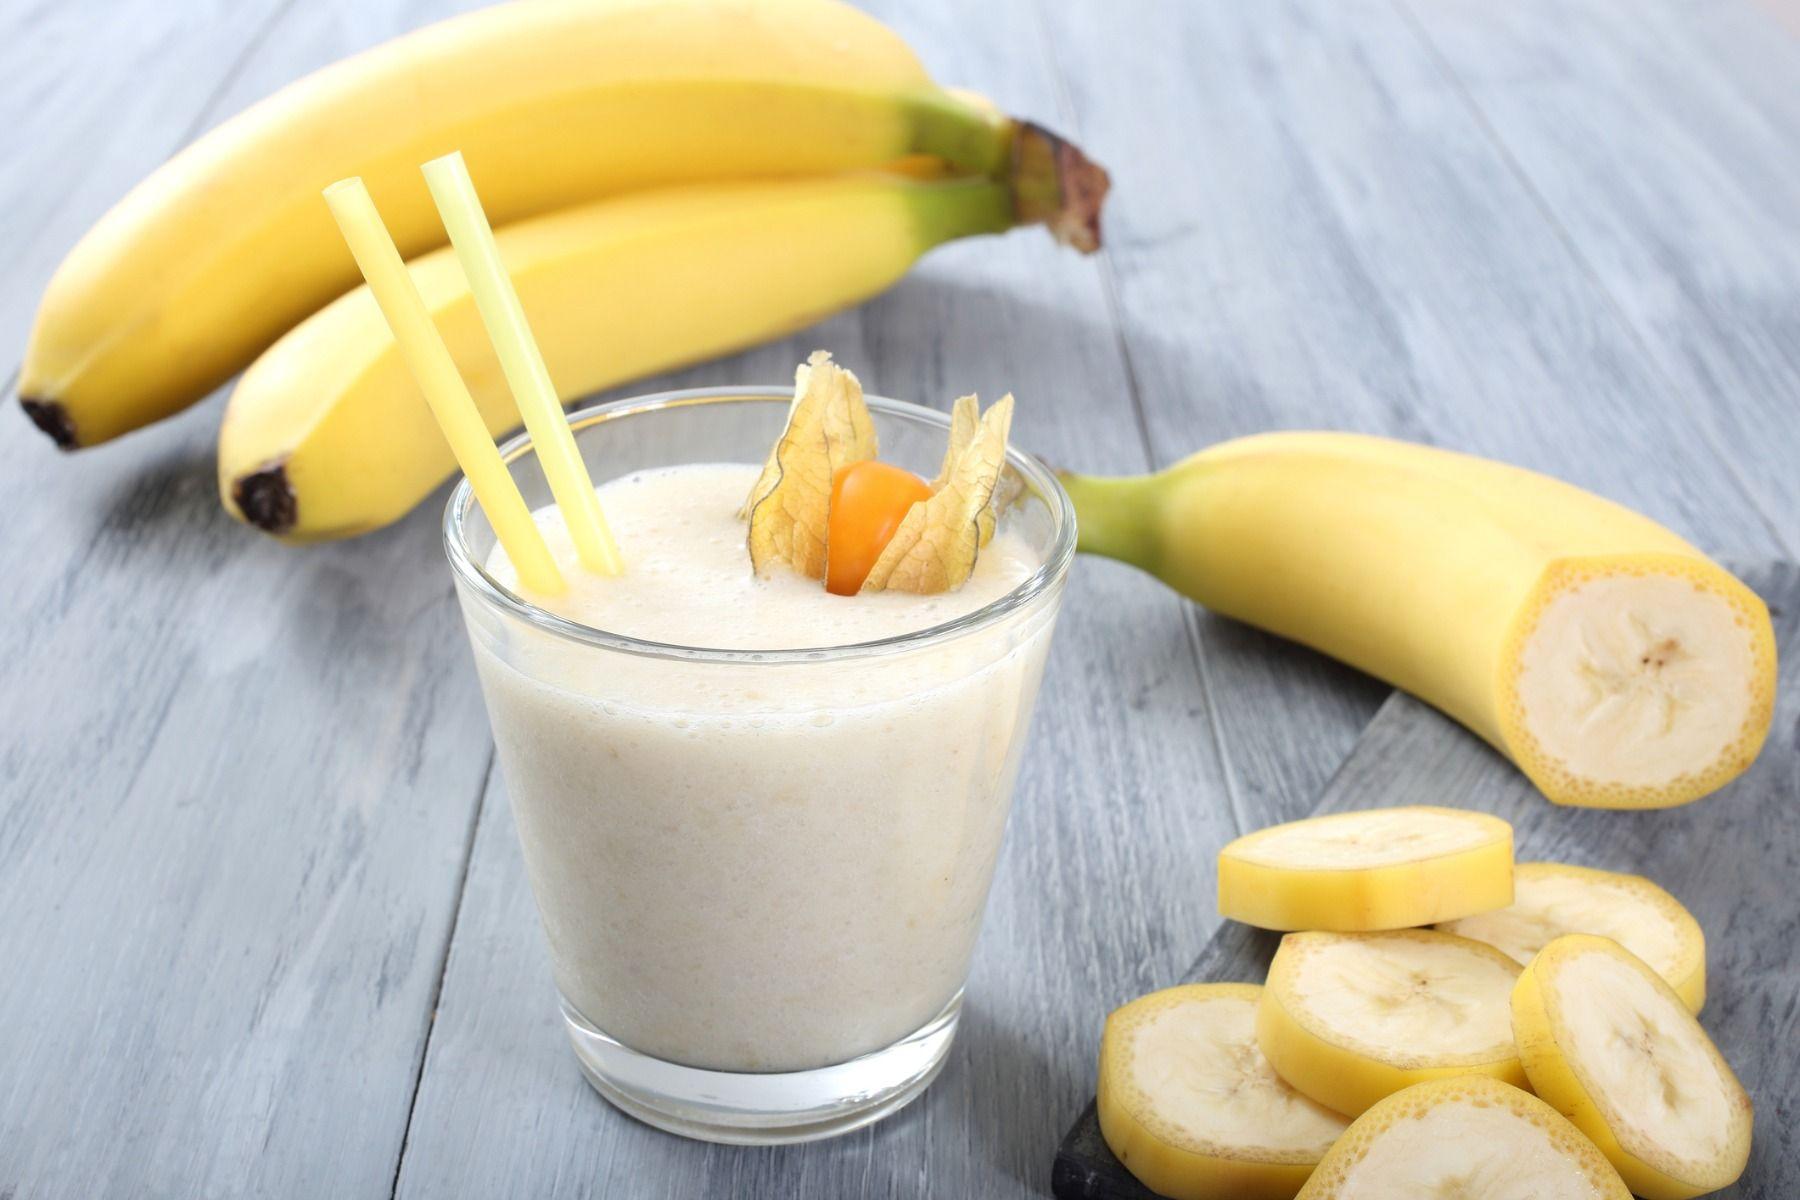 smoothie chyba: Váš smoothie recept má nedostatok vlákniny